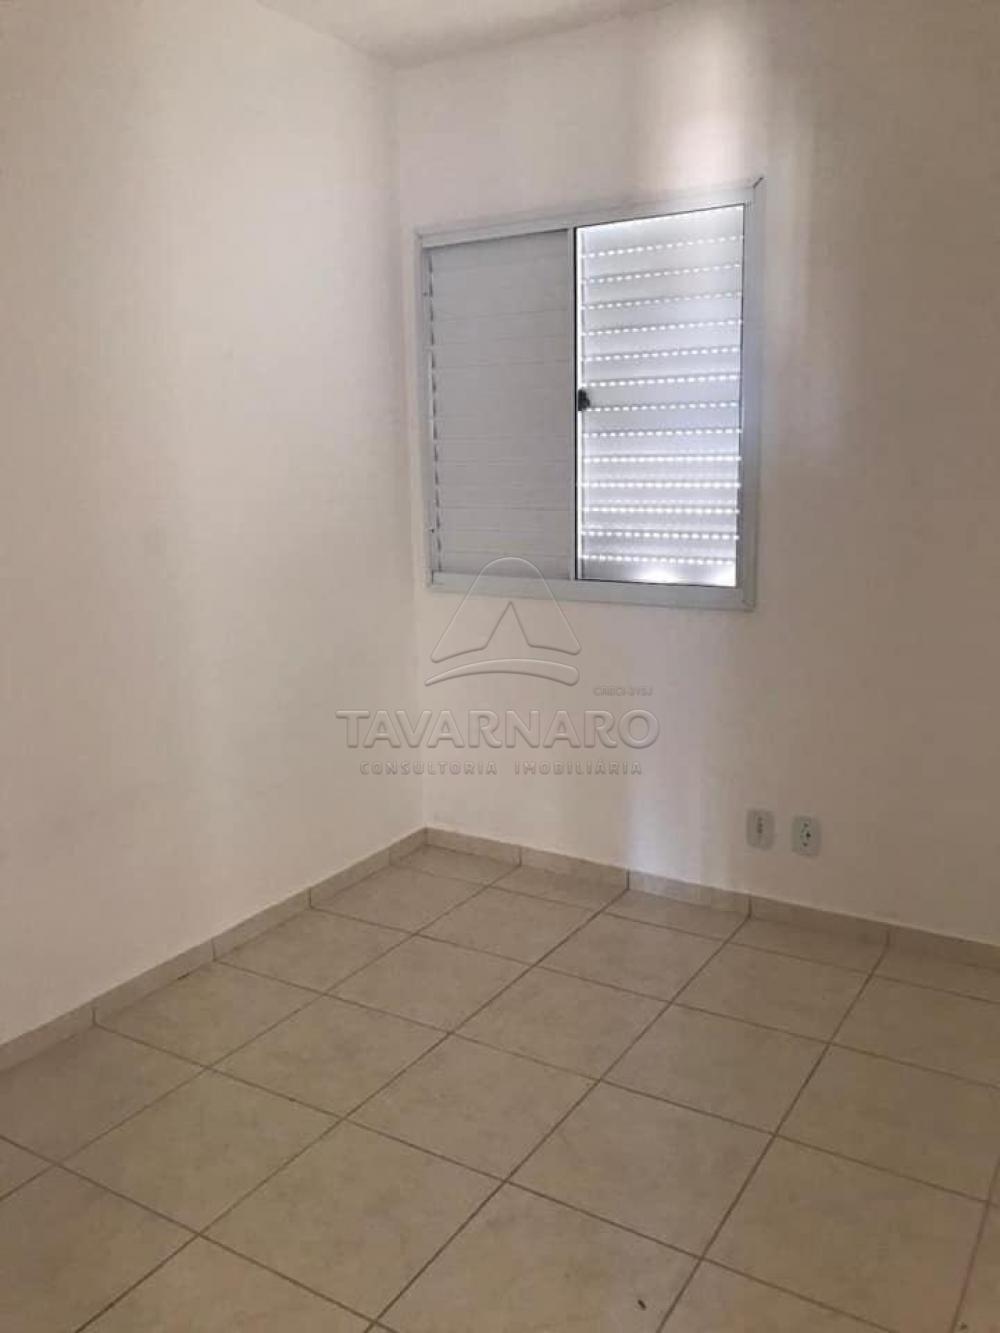 Alugar Casa / Condomínio em Ponta Grossa R$ 480,69 - Foto 4